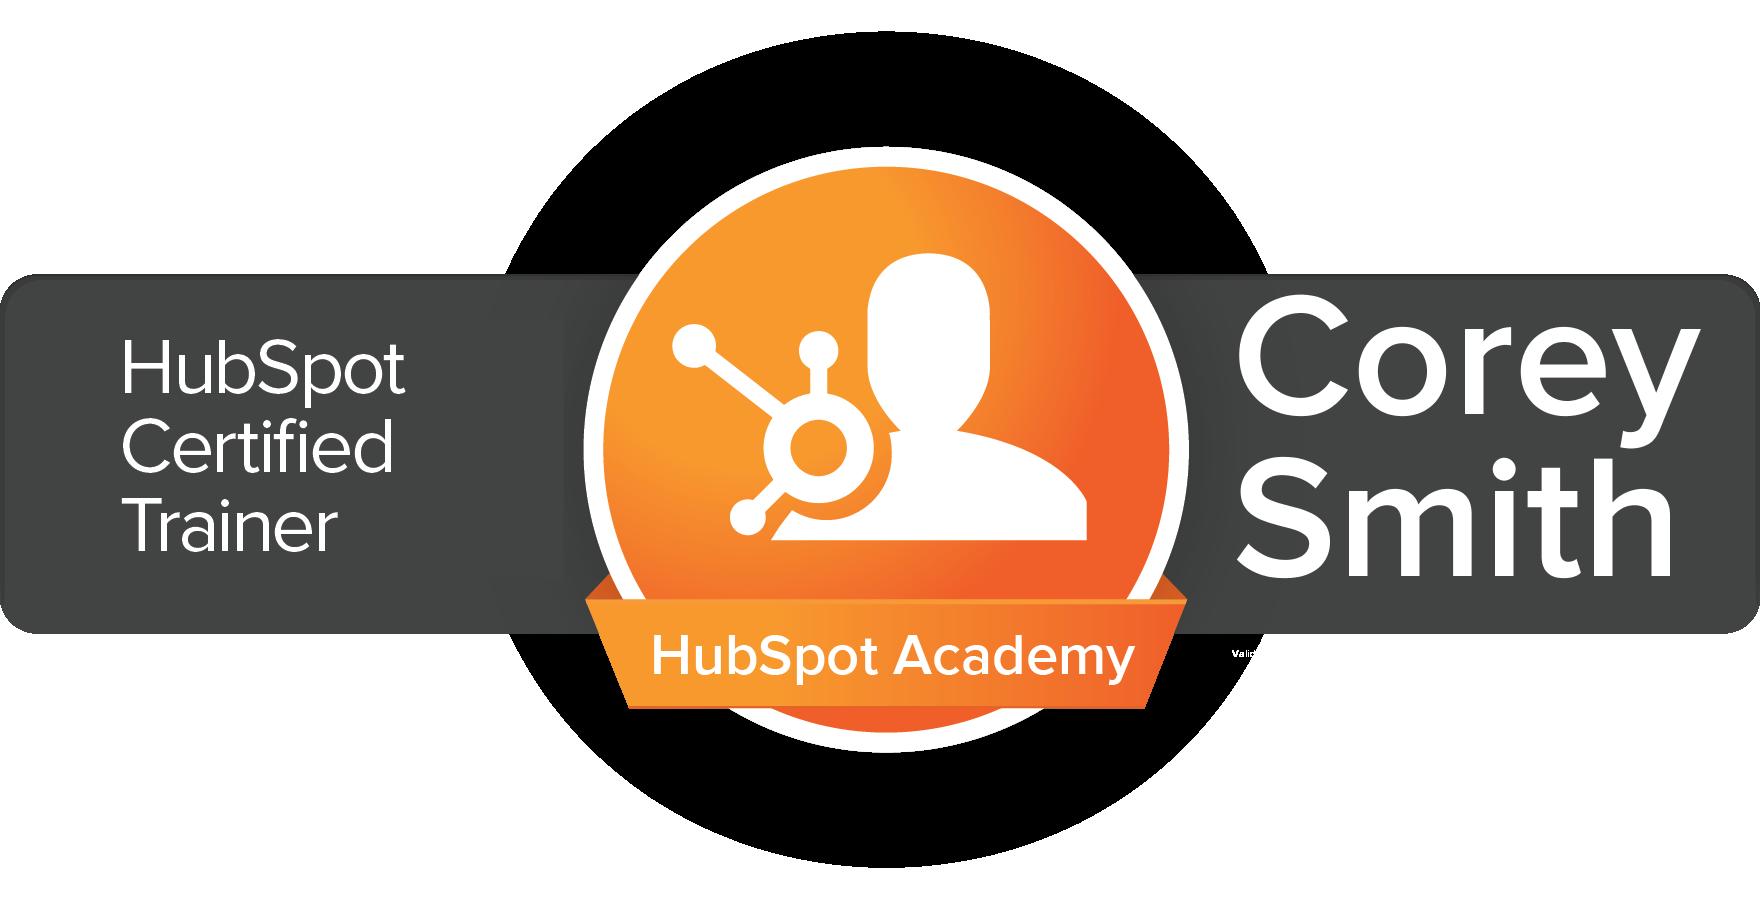 18 Hubspot Academy Certifications - The Rundown